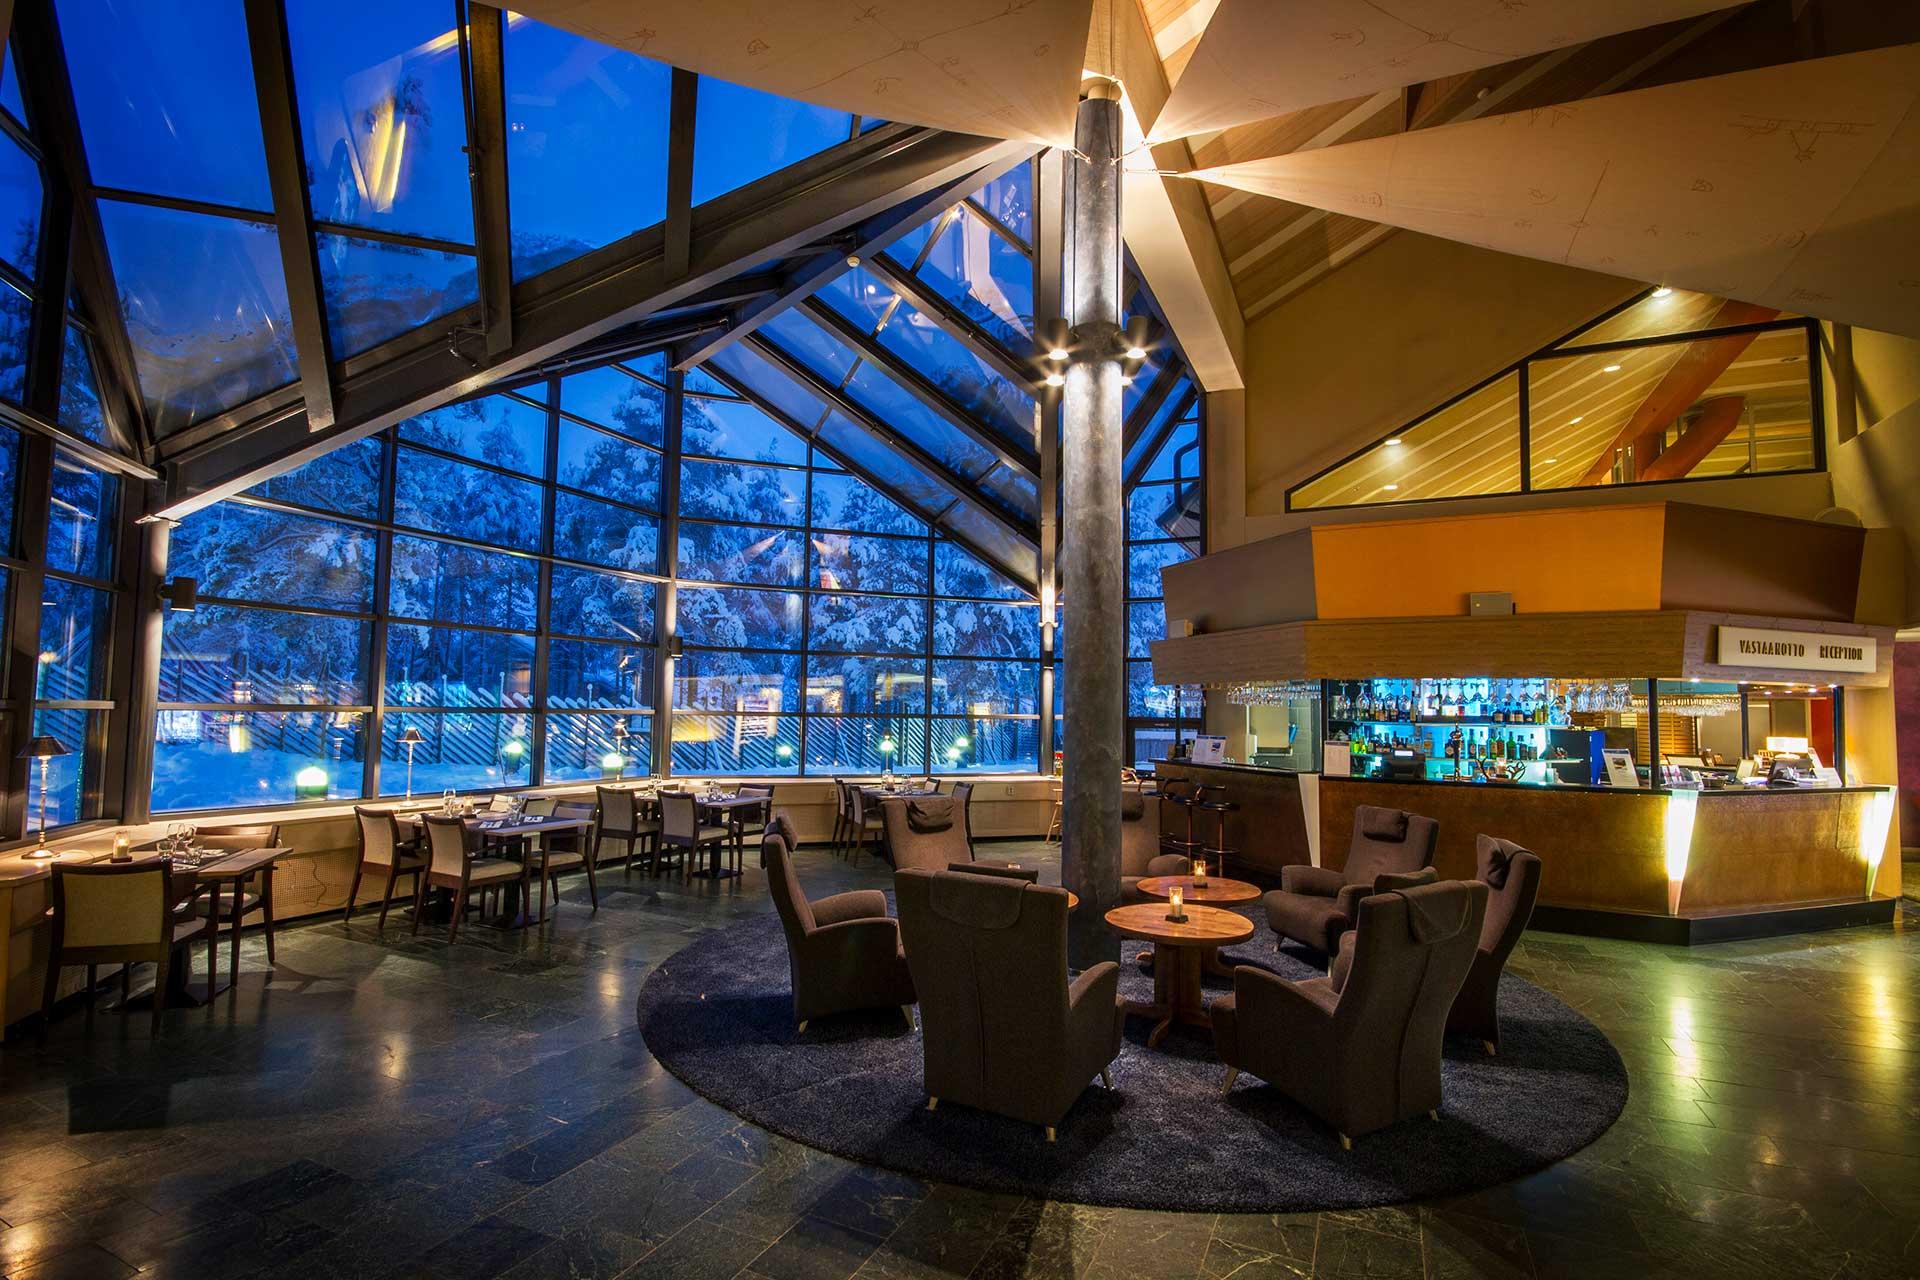 Hotel Mattsin sisarhotellin Hotel K5 Levin avara aula ja baarialua, josta näkymä poroaitaukselle.